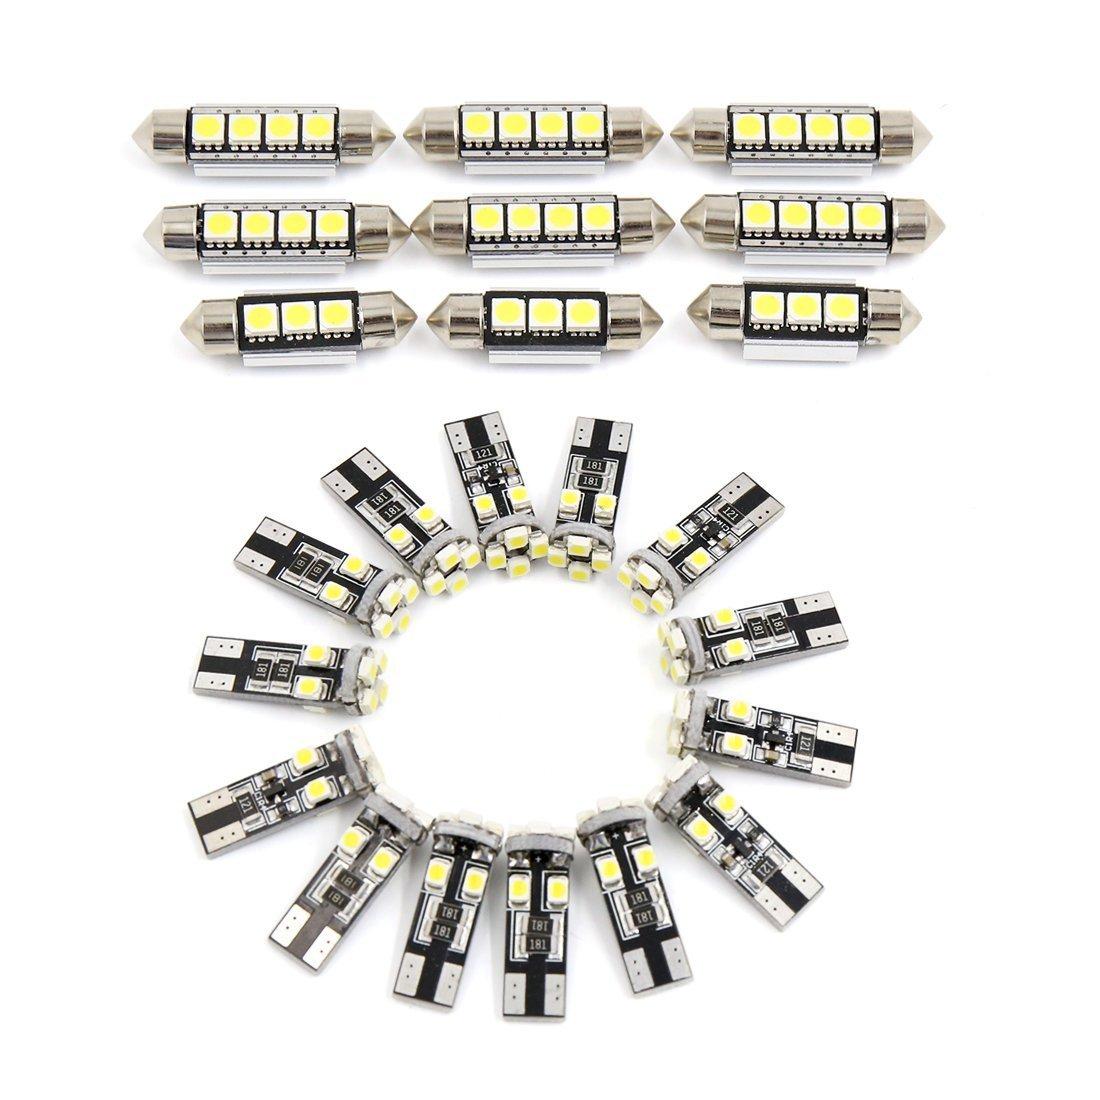 zantec 23pcs blanco Festoon Luz LED bombillas LED luces de coche interior luz de lectura de c/úpula de mapa juego de bombillas para BMW E90/E92/E93/M3/2006/ /2011/Canbus